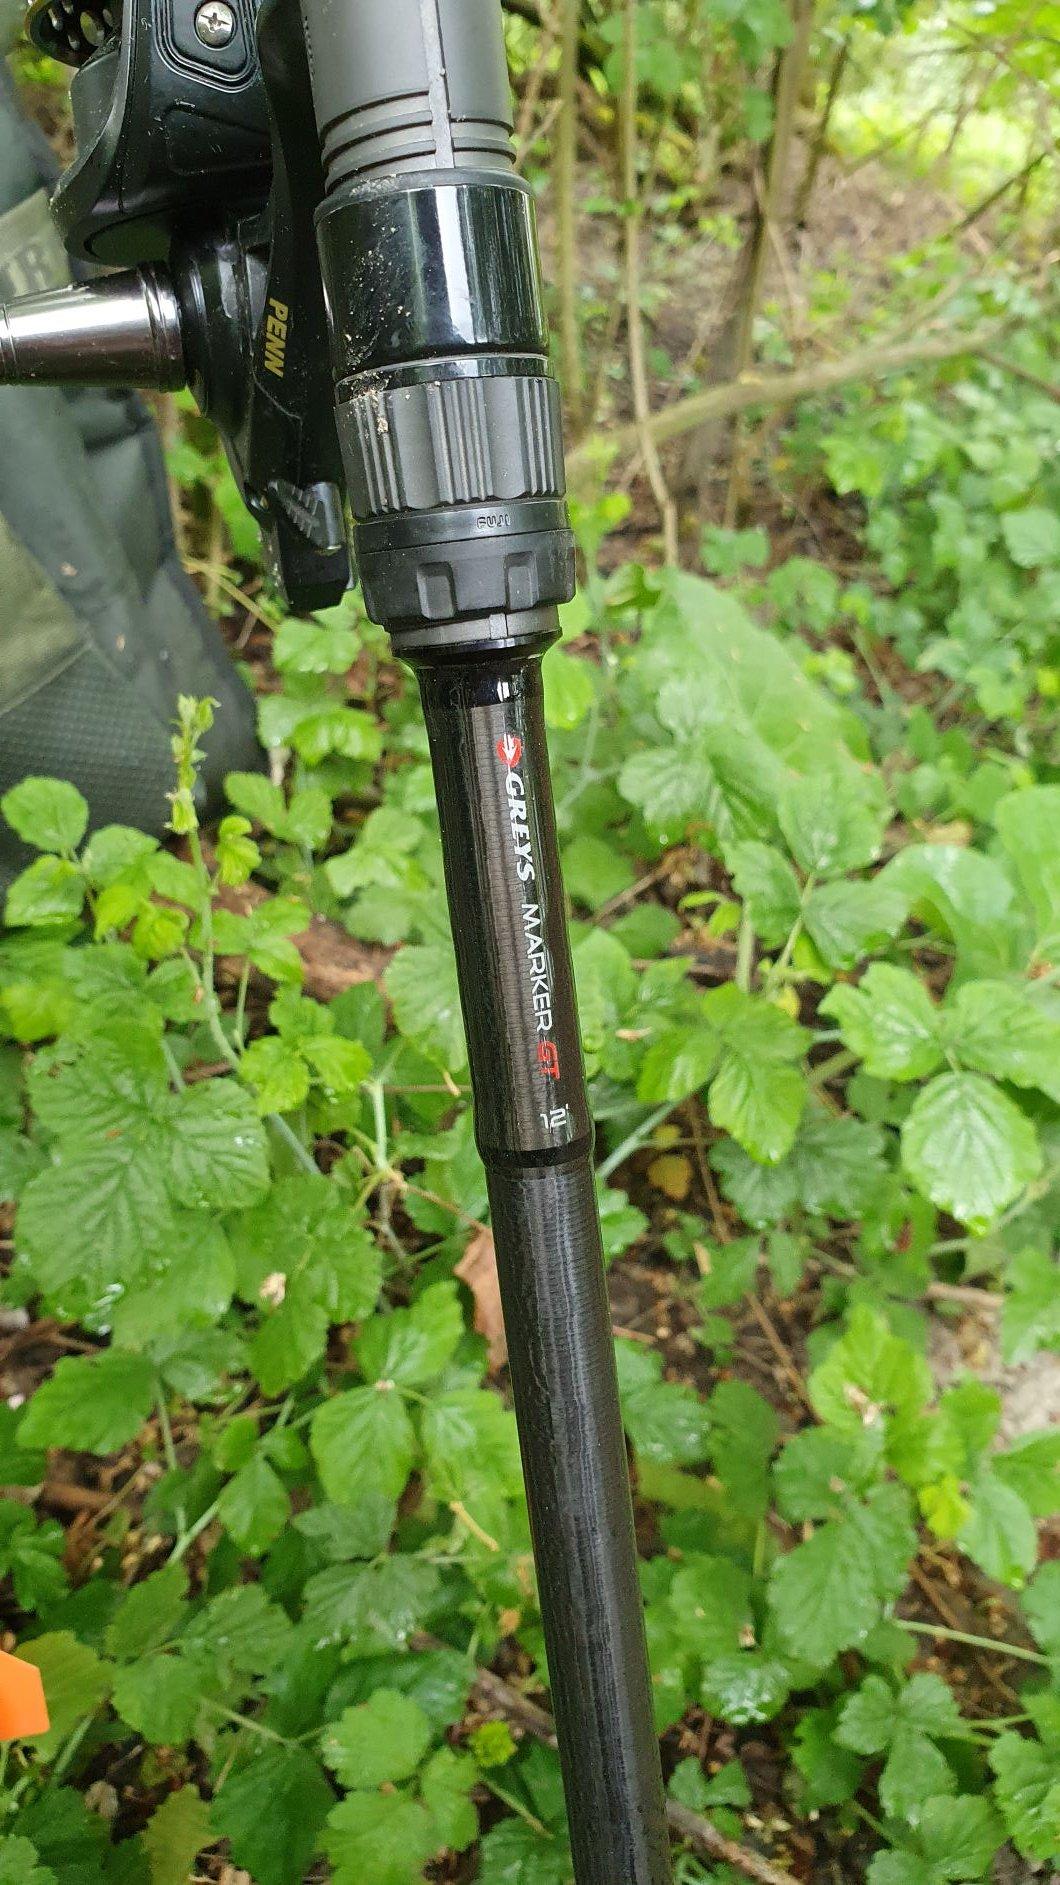 Greys Marker Rod.jpg